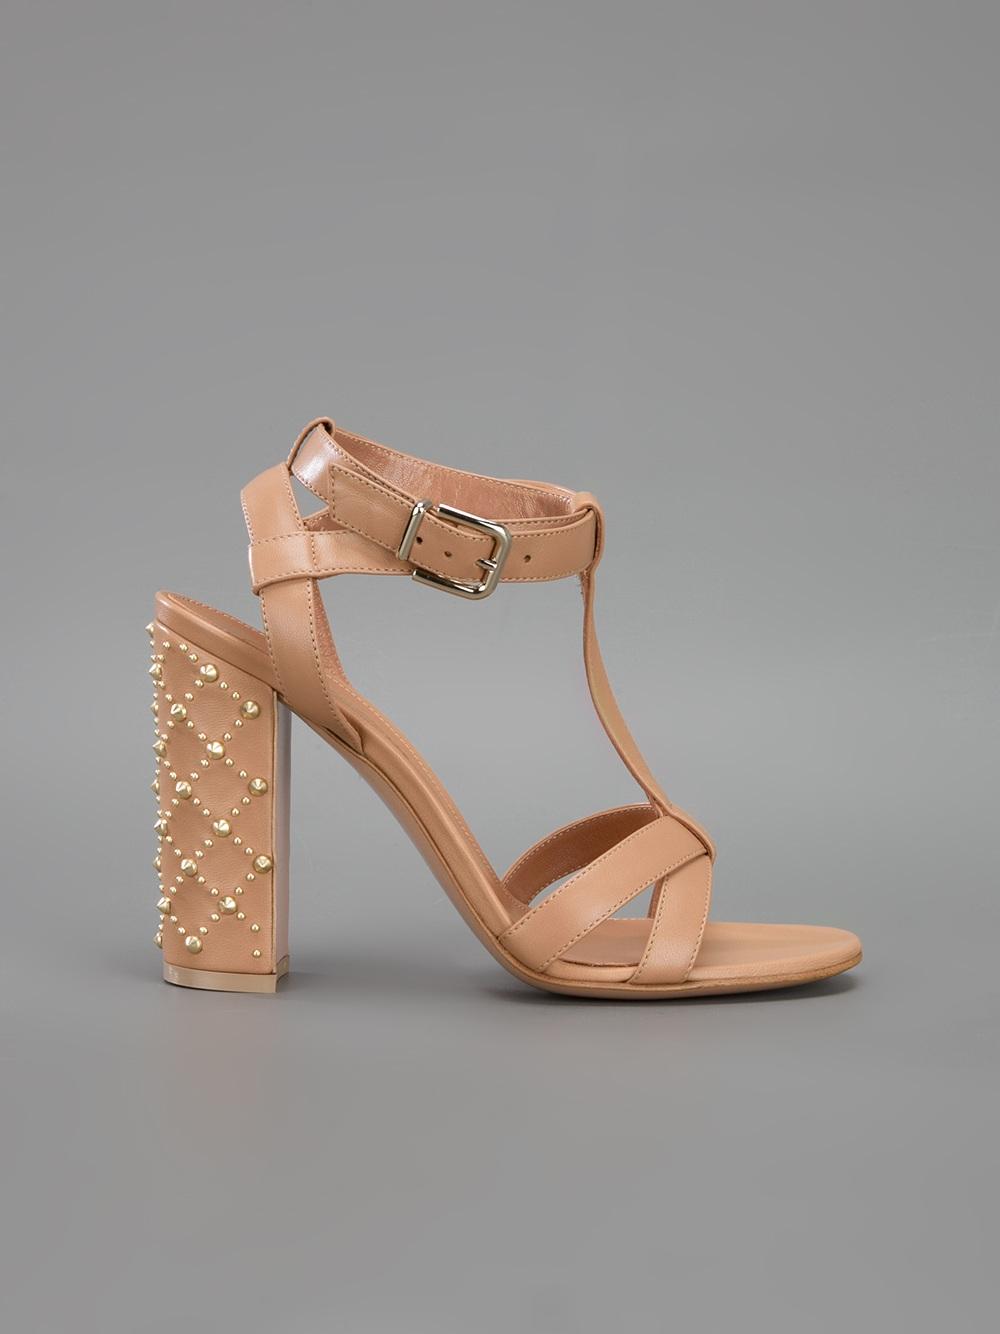 Gianvito Rossi Studded sandals 1PzVa